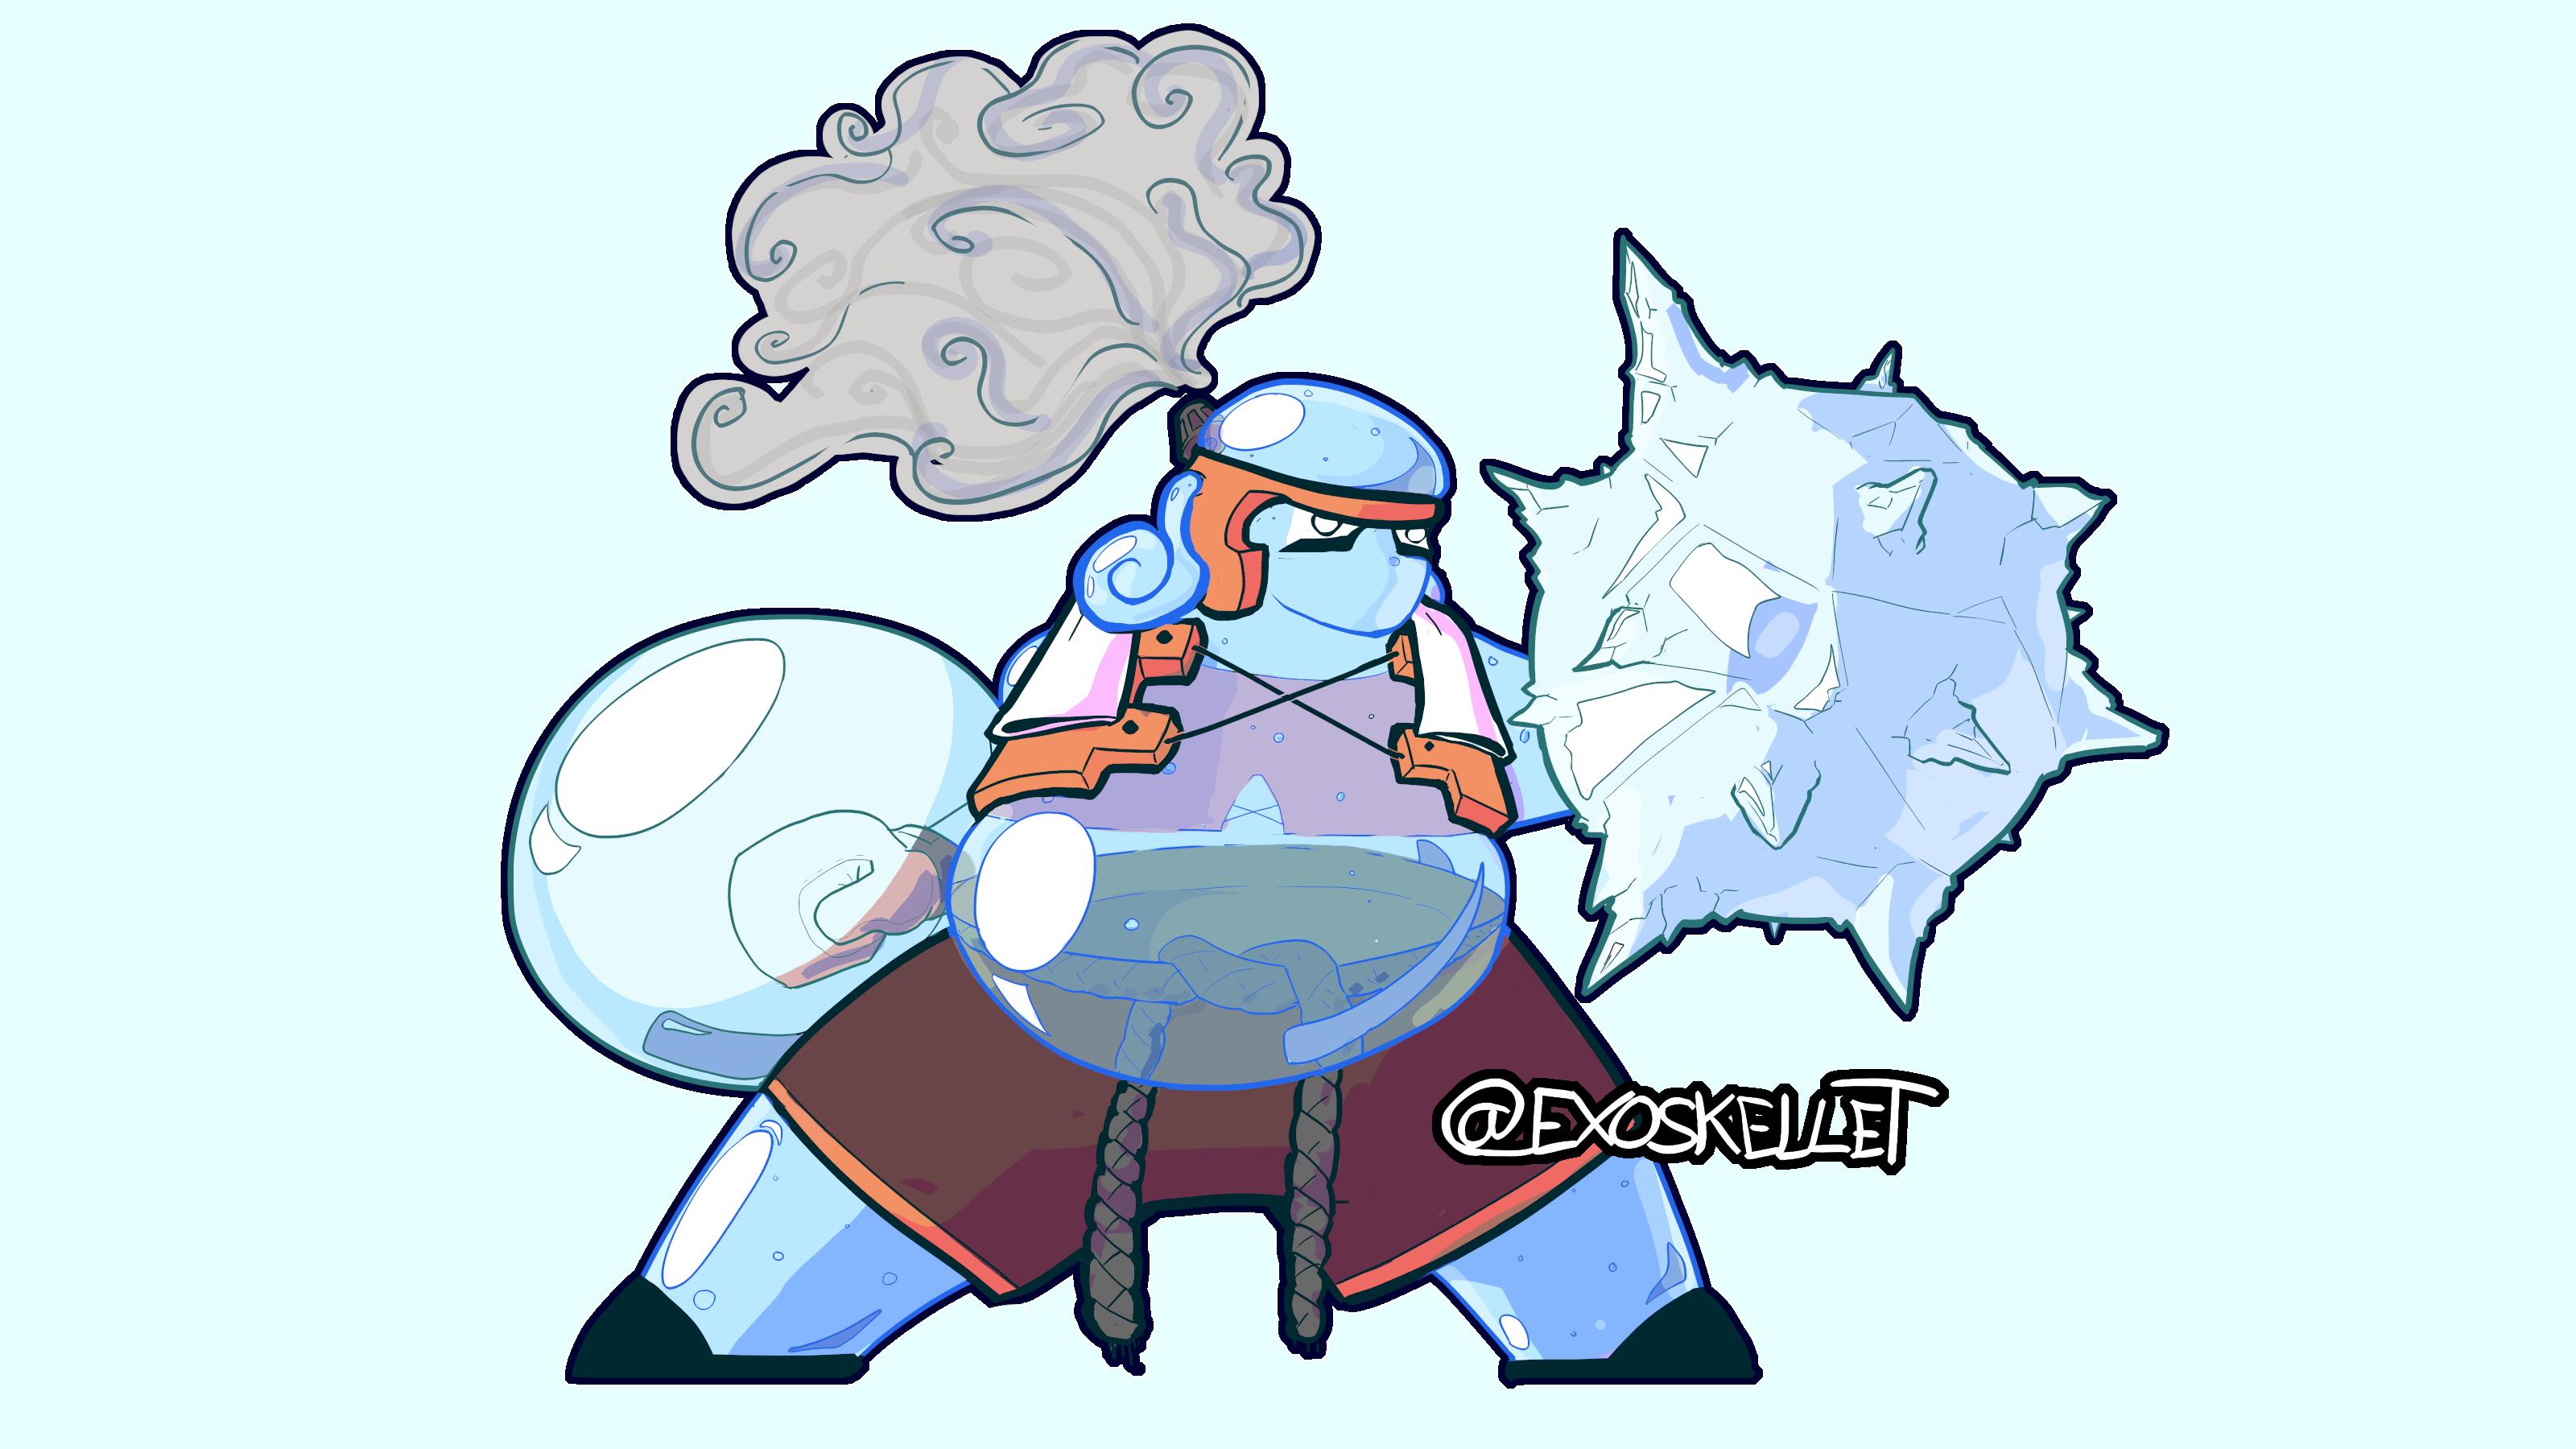 Bubble Boxer